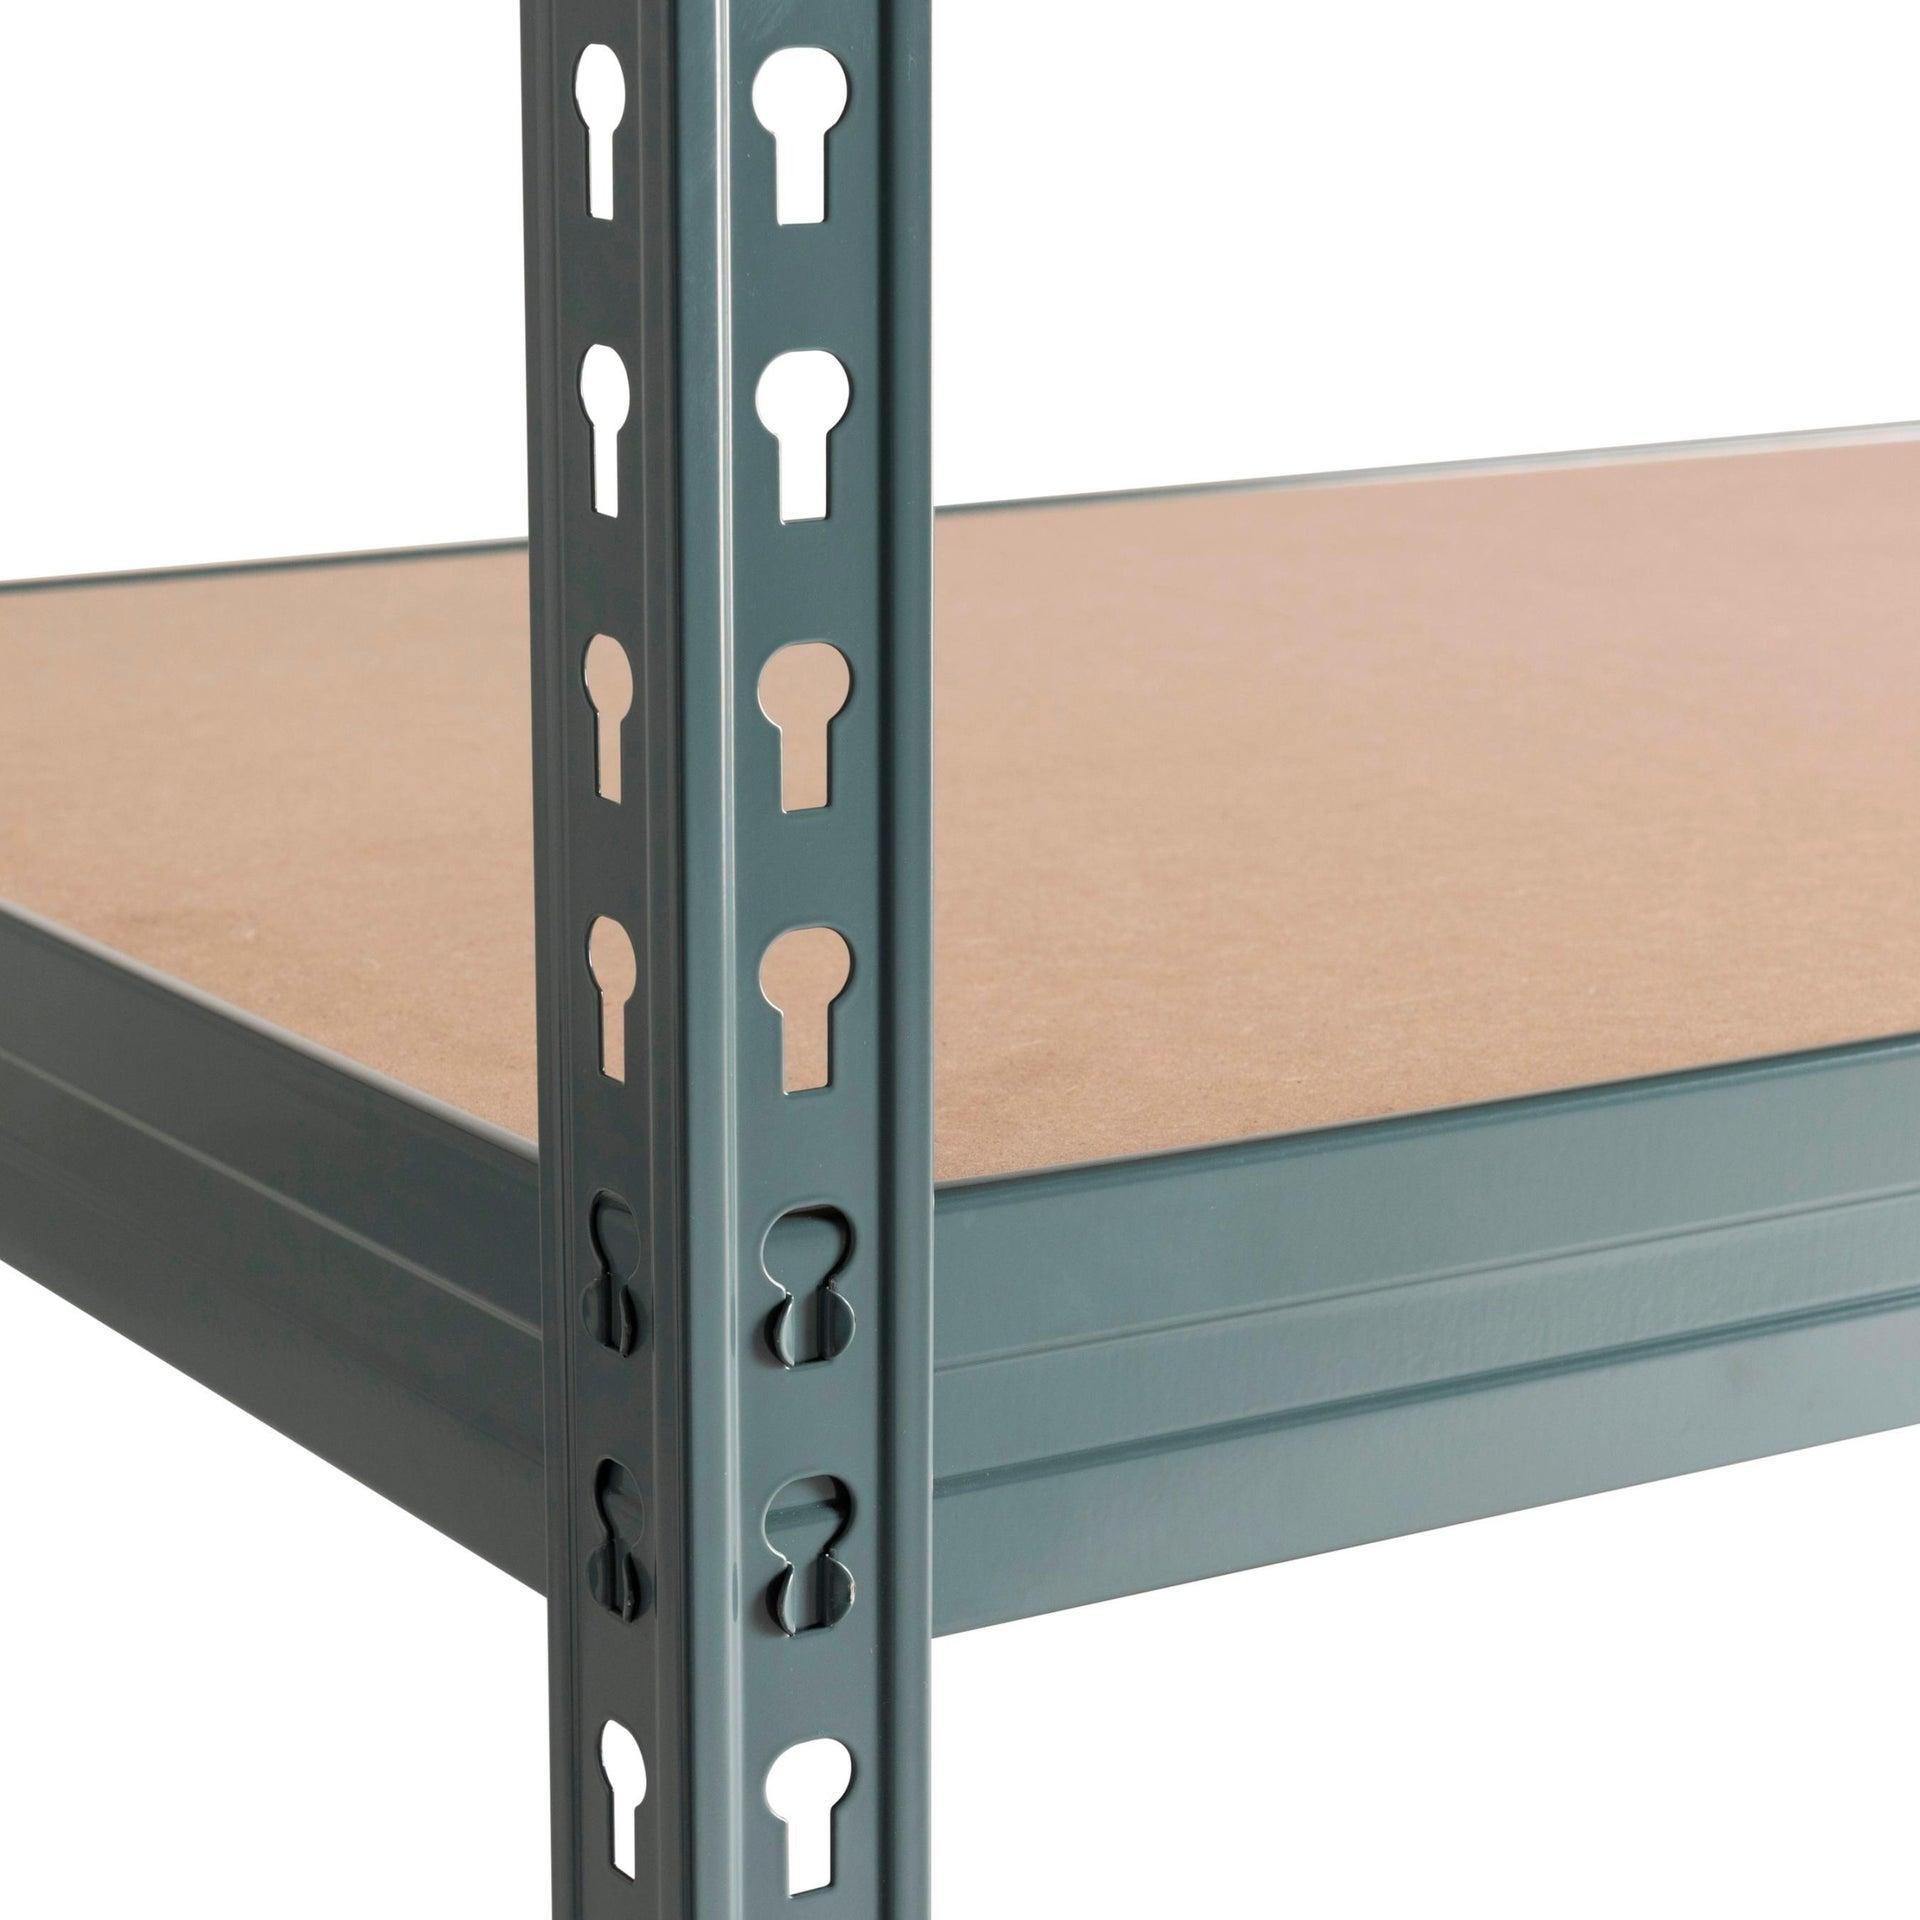 Scaffale in metallo in kit Spaceo L 150 x P 60 x H 190 cm grigio antracite - 11